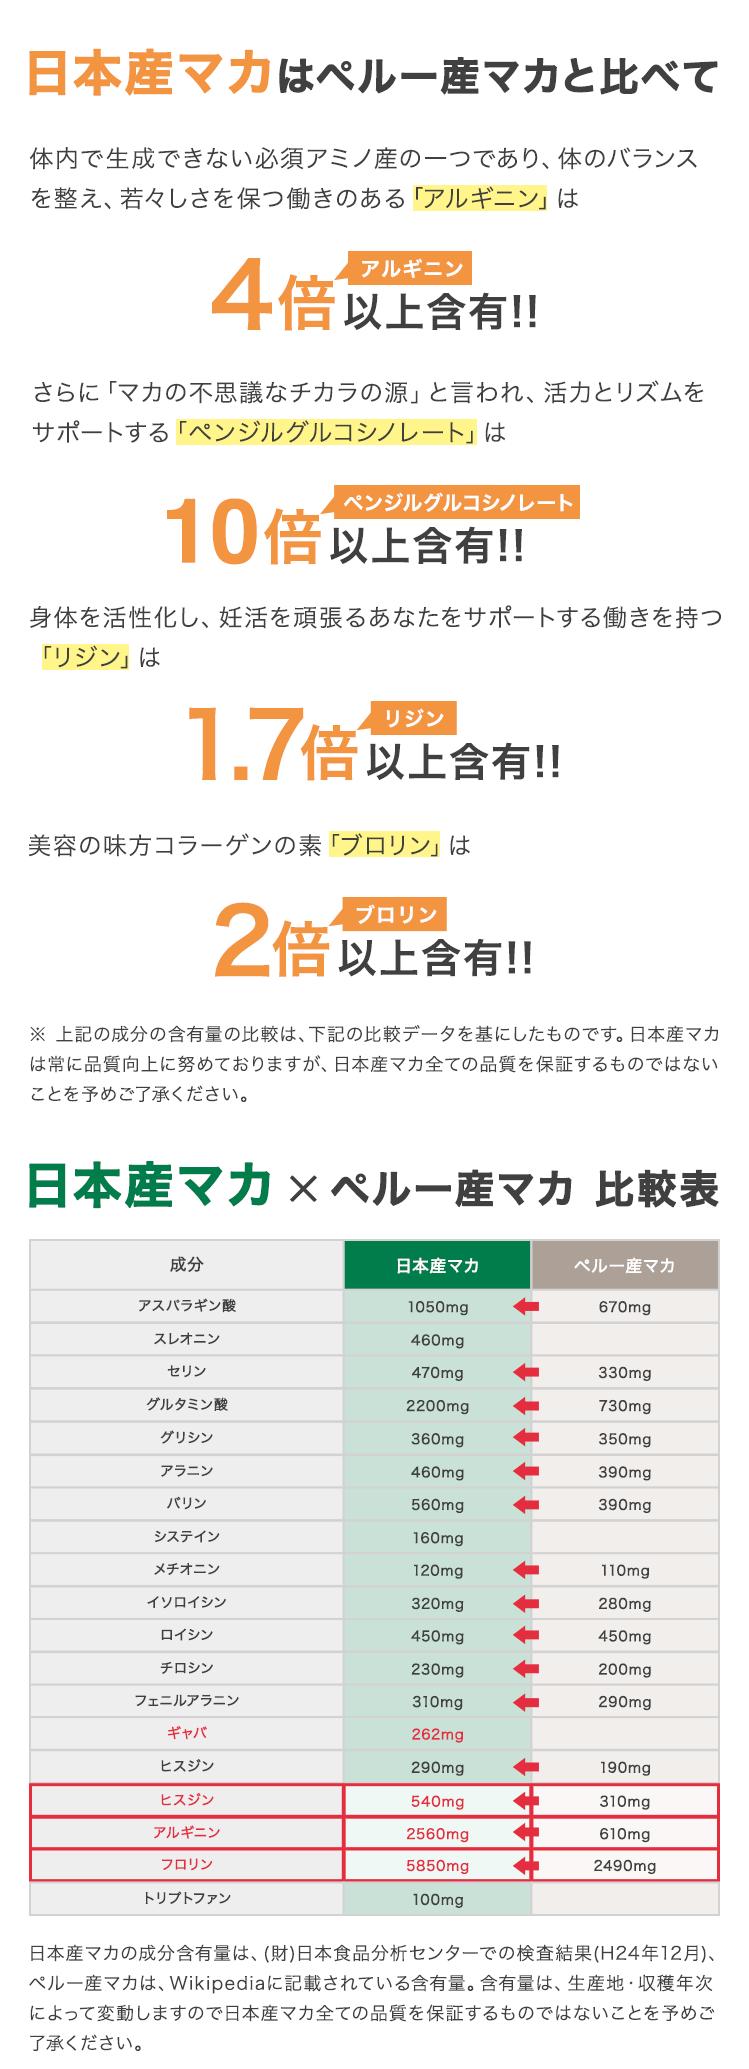 日本産マカはペルー産マカと比べて